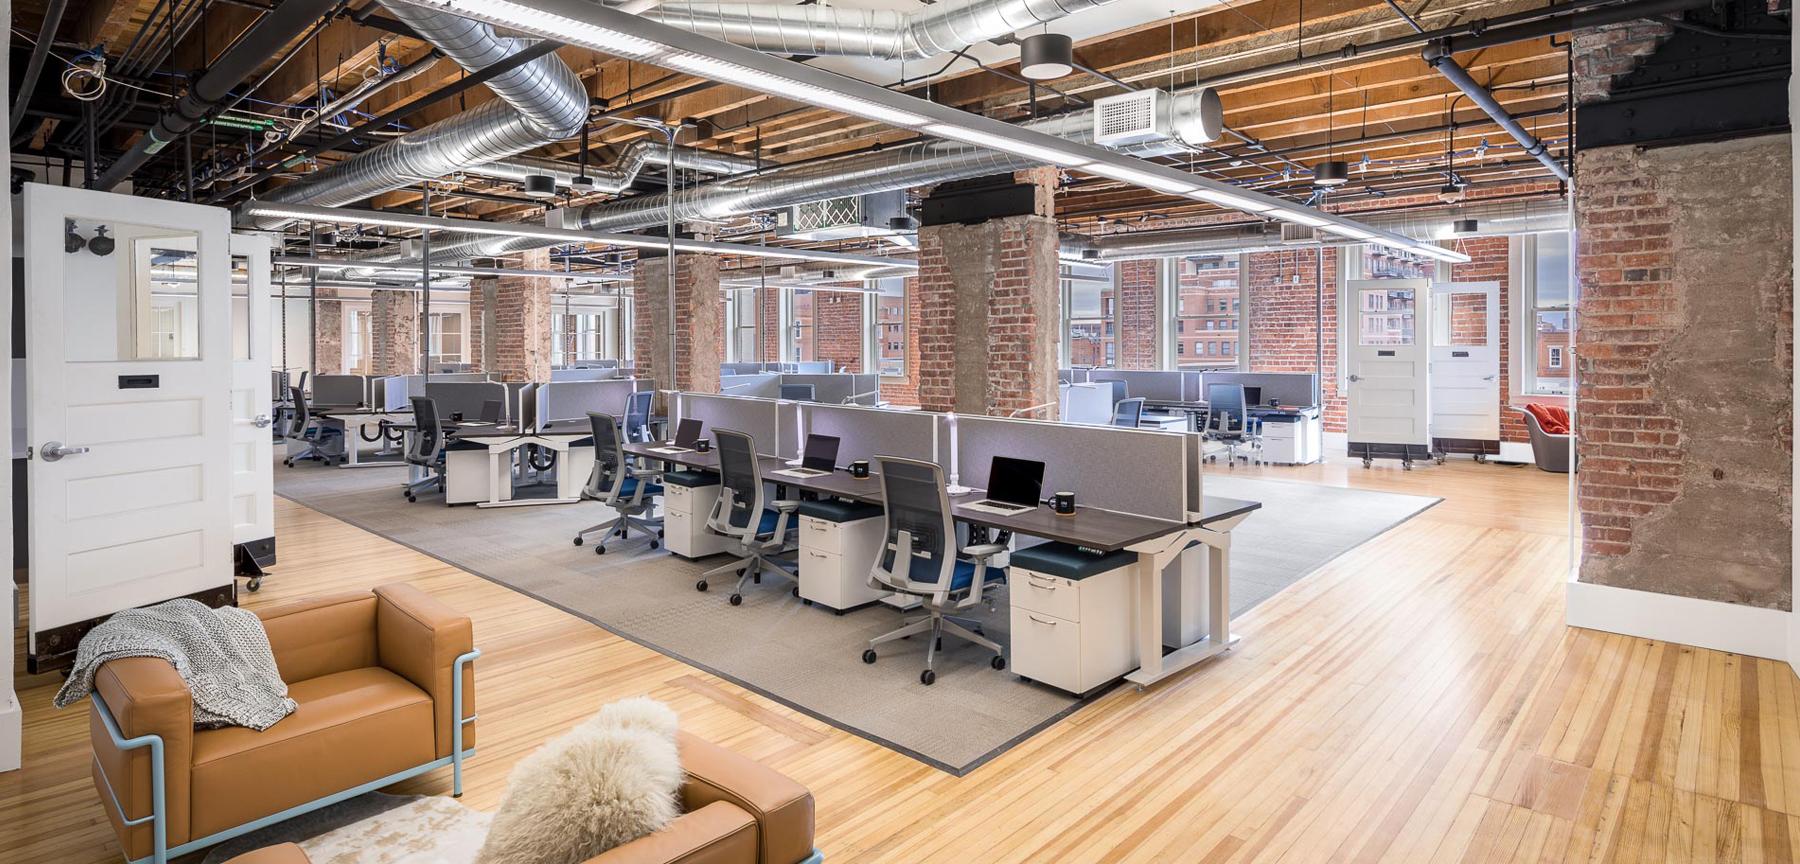 Inspirato office desk area